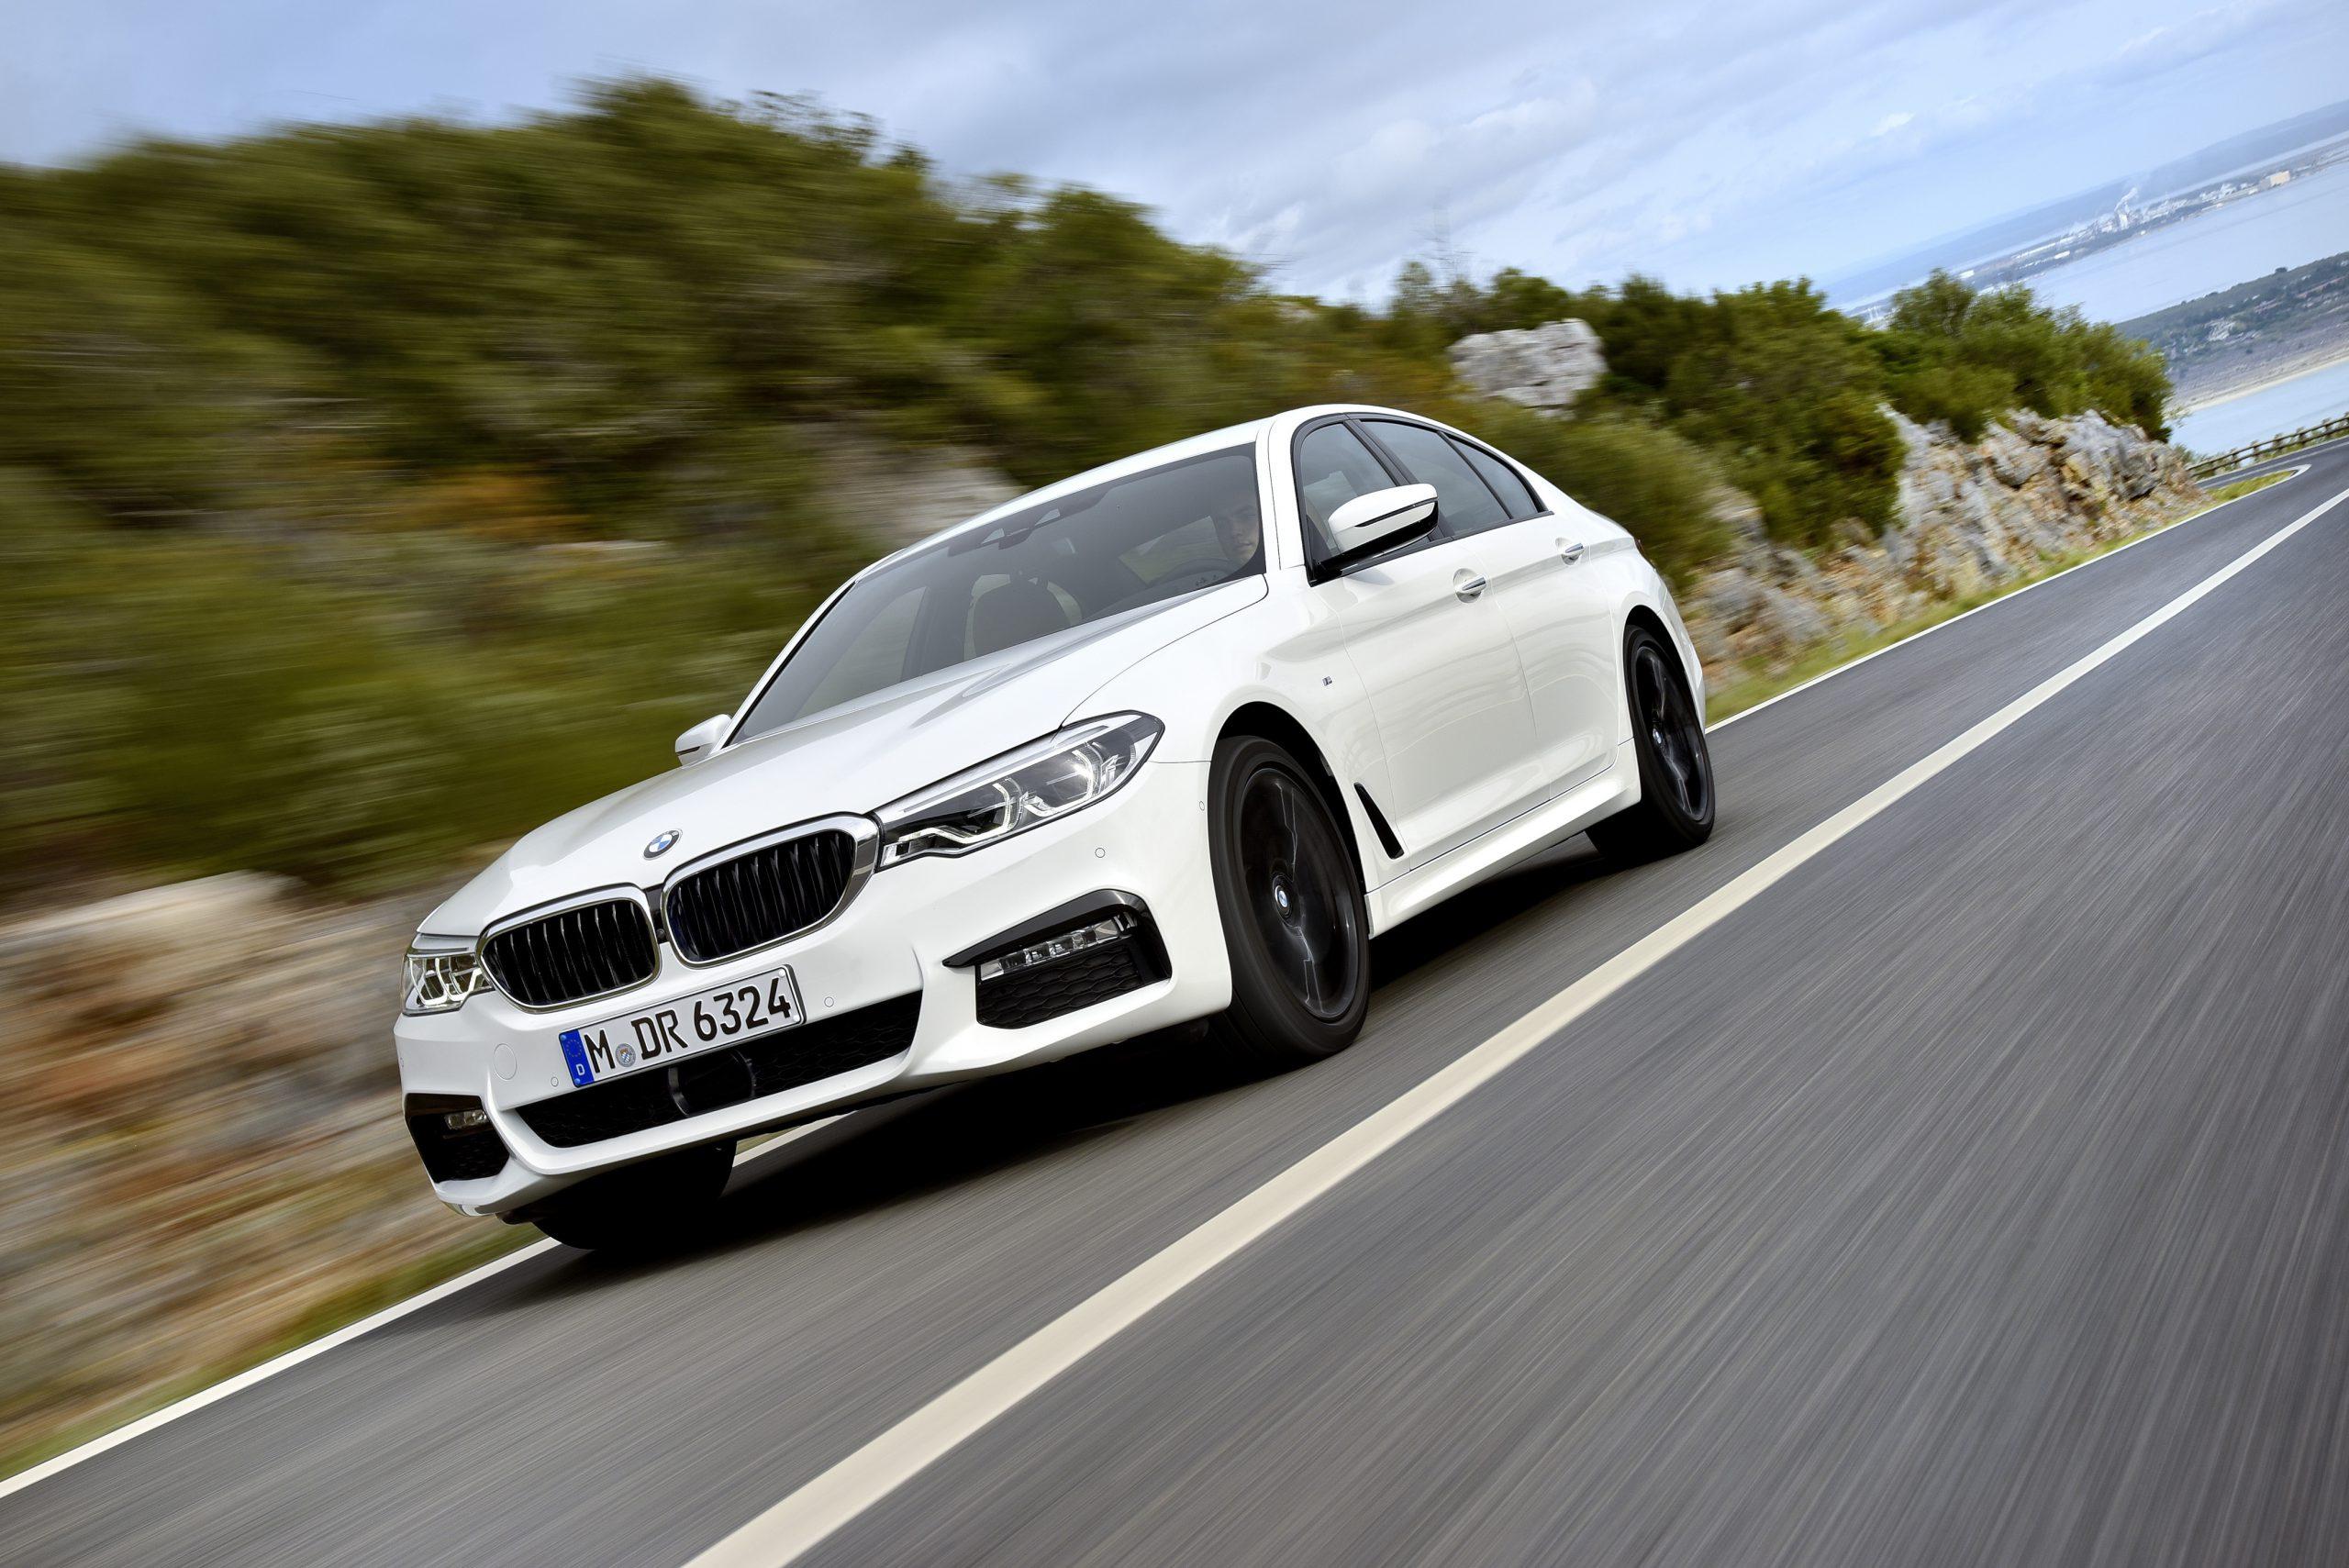 新型BMW5シリーズ(G30)の国内販売を発表!2月11日より販売開始♪価格は599万円から1017万円